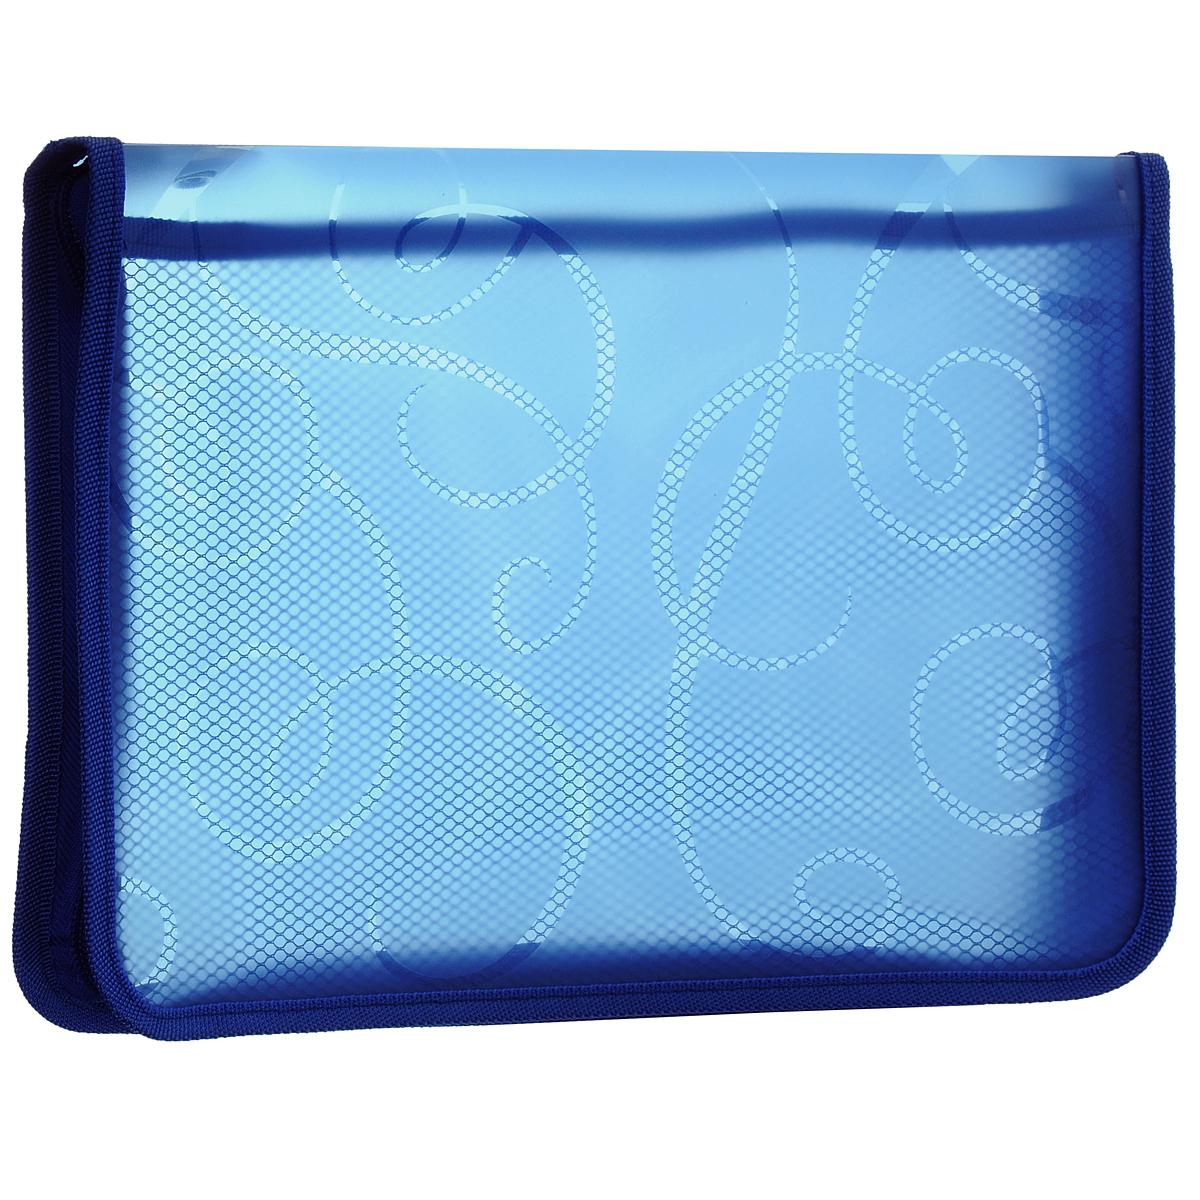 Папка для тетрадей Centrum, на молнии, цвет: синий. Формат А4. 80900AC-1121RDПапка для тетрадей Centrum - это удобный и функциональный офисный инструмент, предназначенный для хранения и транспортировки рабочих бумаг и документов формата А4, а также тетрадей и канцелярских принадлежностей.Папка изготовлена из прочного высококачественного пластика, закрывается на круговую застежку-молнию. Папка состоит из одного отделения, внутри расположен открытый карман-сеточка. Папка оформлена оригинальным принтом в виде спиралей. Папка имеет опрятный и неброский вид. Края папки отделаны полиэстером, а уголки имеют закругленную форму, что предотвращает их загибание и помогает надолго сохранить опрятный вид обложки.Папка - это незаменимый атрибут для любого студента, школьника или офисного работника. Такая папка надежно сохранит ваши бумаги и сбережет их от повреждений, пыли и влаги.